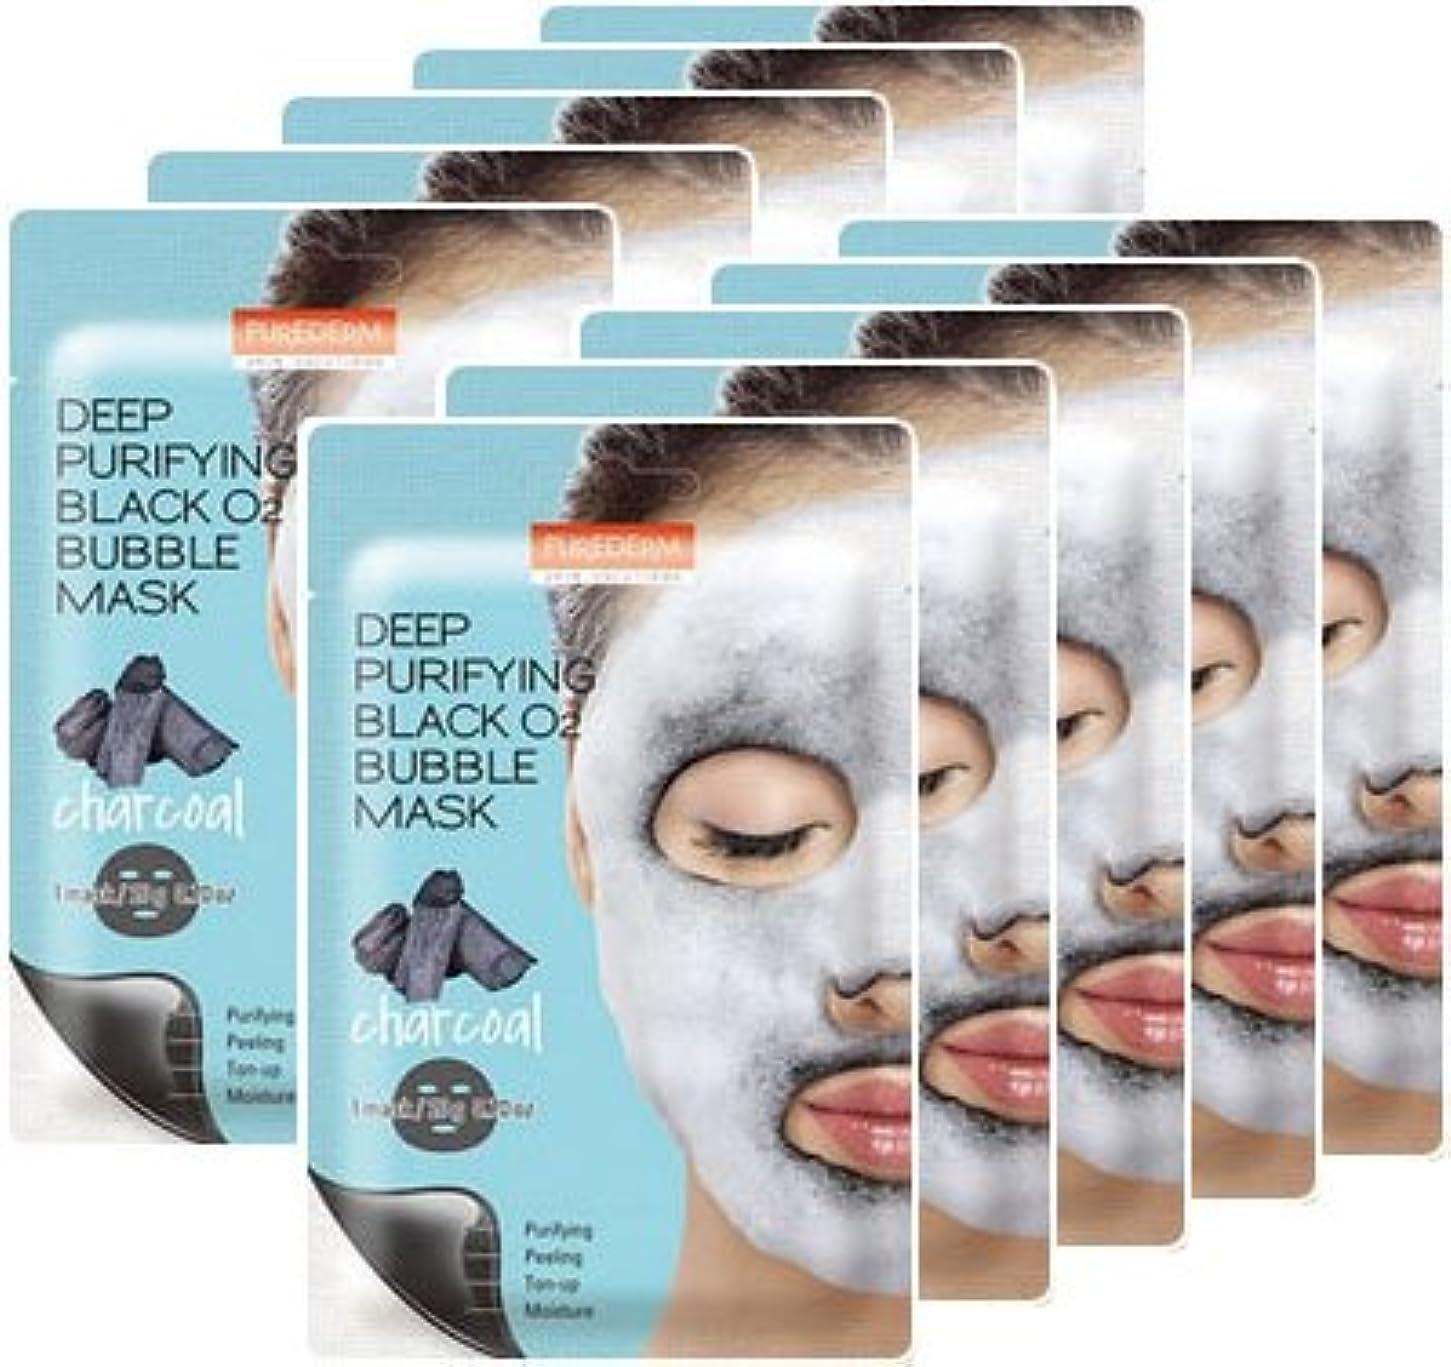 アコー基本的な保険ブラック O2 バブル マスク charcoal(炭)10枚